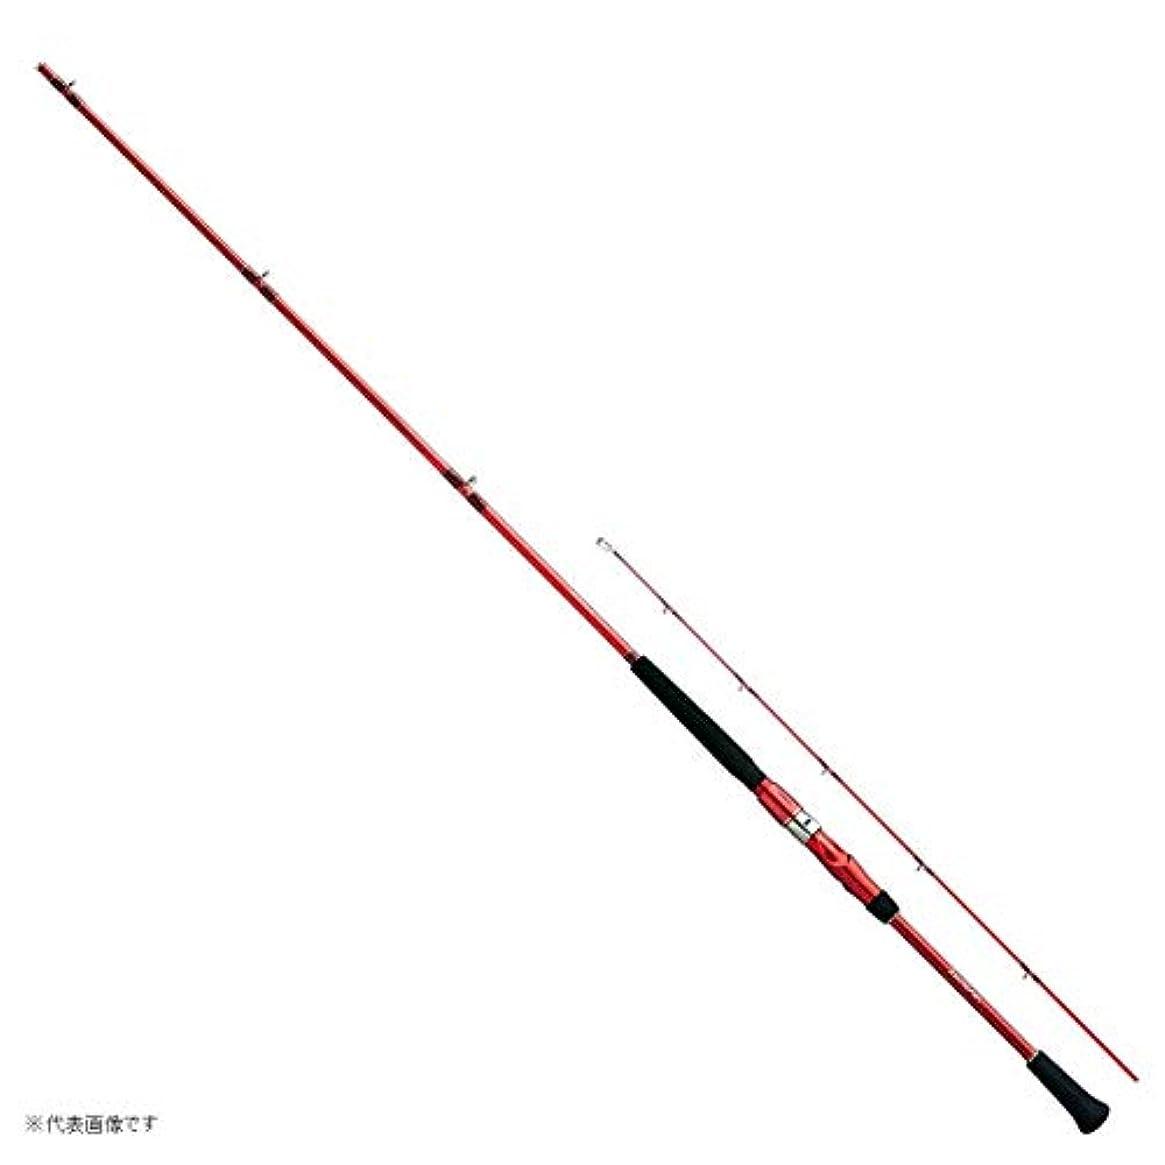 ぶら下がる気づくこんにちはダイワ(Daiwa) 船竿 ベイト シーフレックス64 80-270 釣り竿